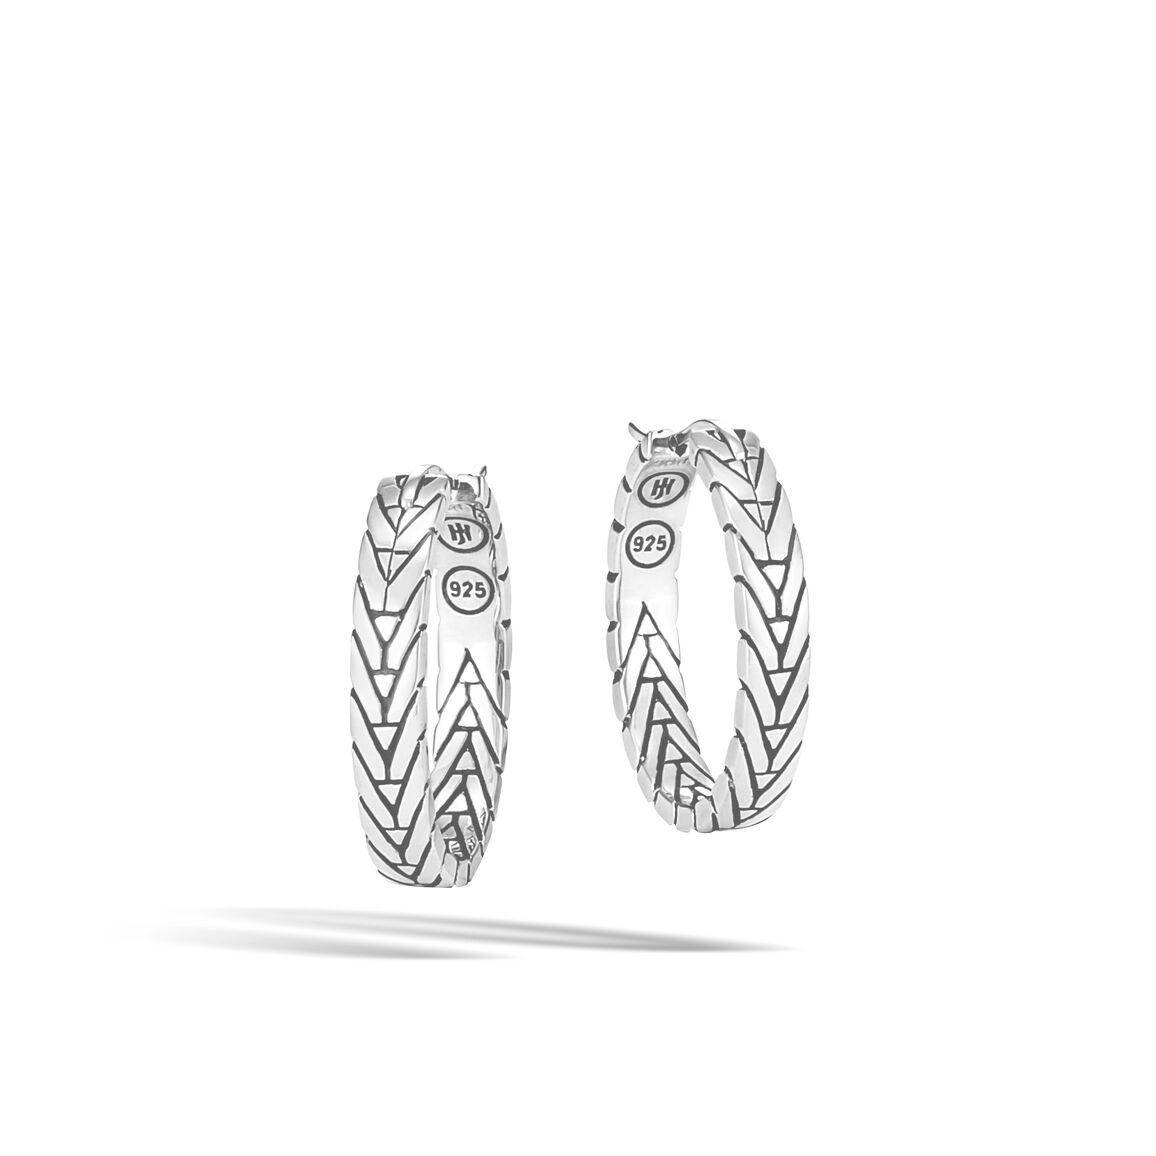 Modern Chain Small Hoop Earring in Silver